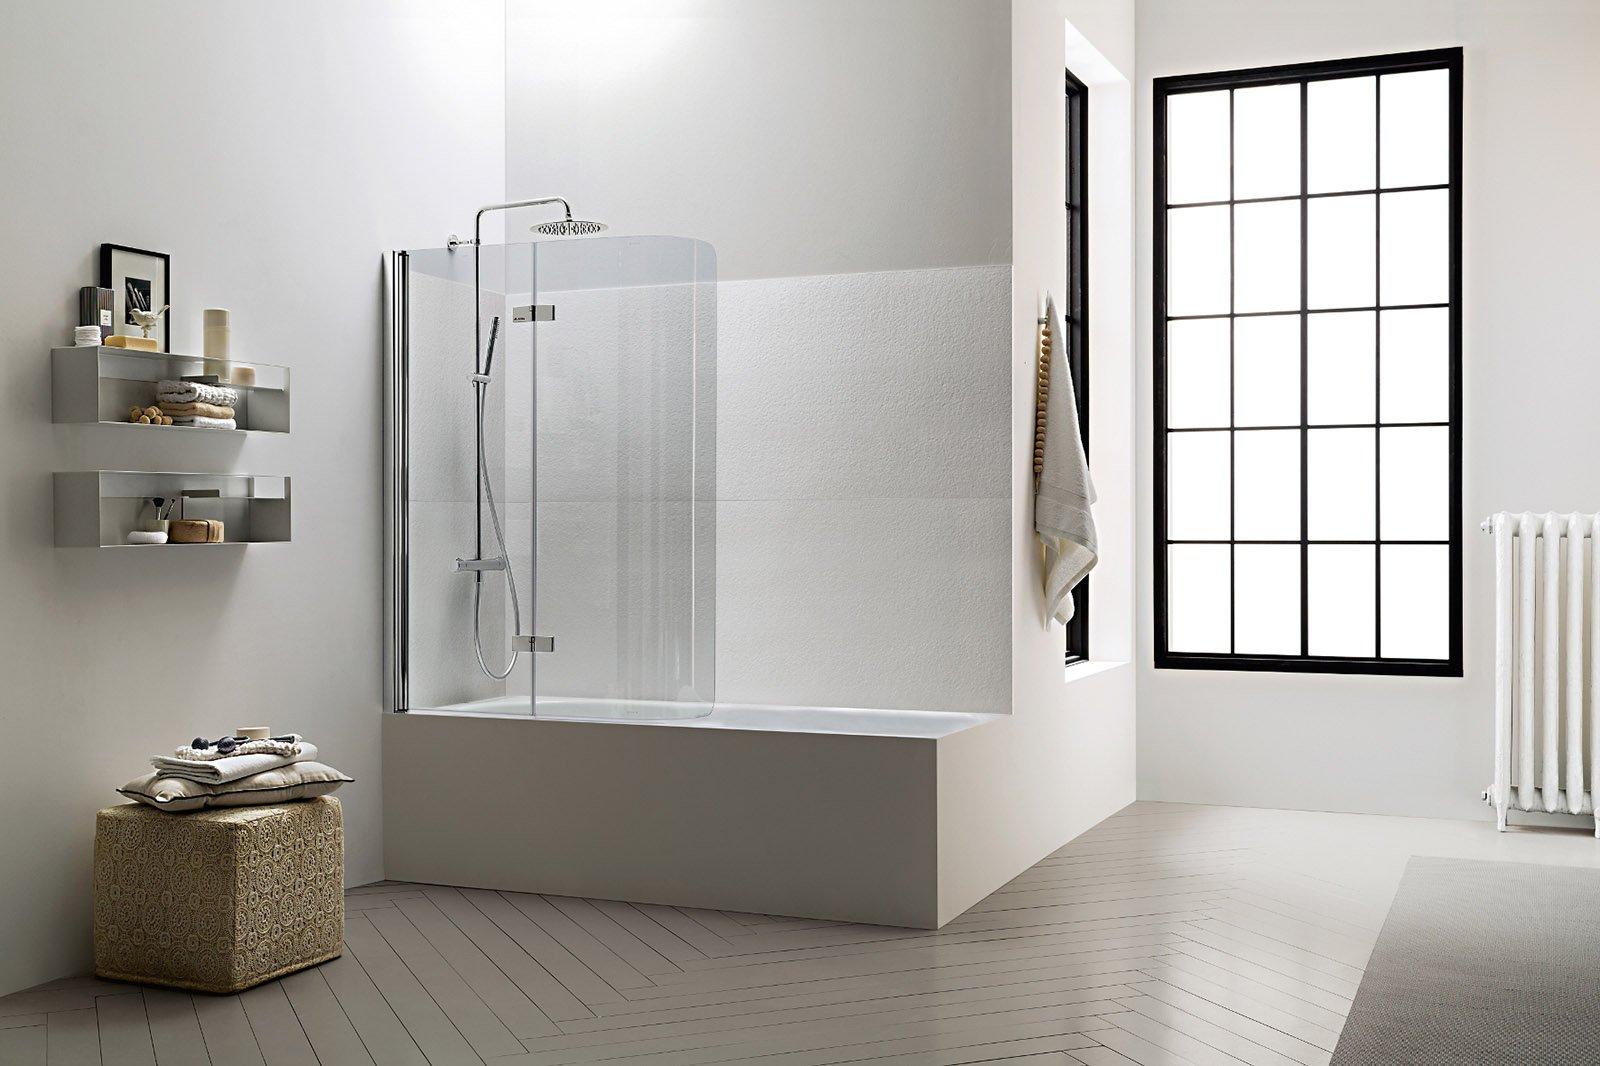 Vasca Da Mettere Sopra : La doccia nella vasca aggiungendo un pannello cose di casa